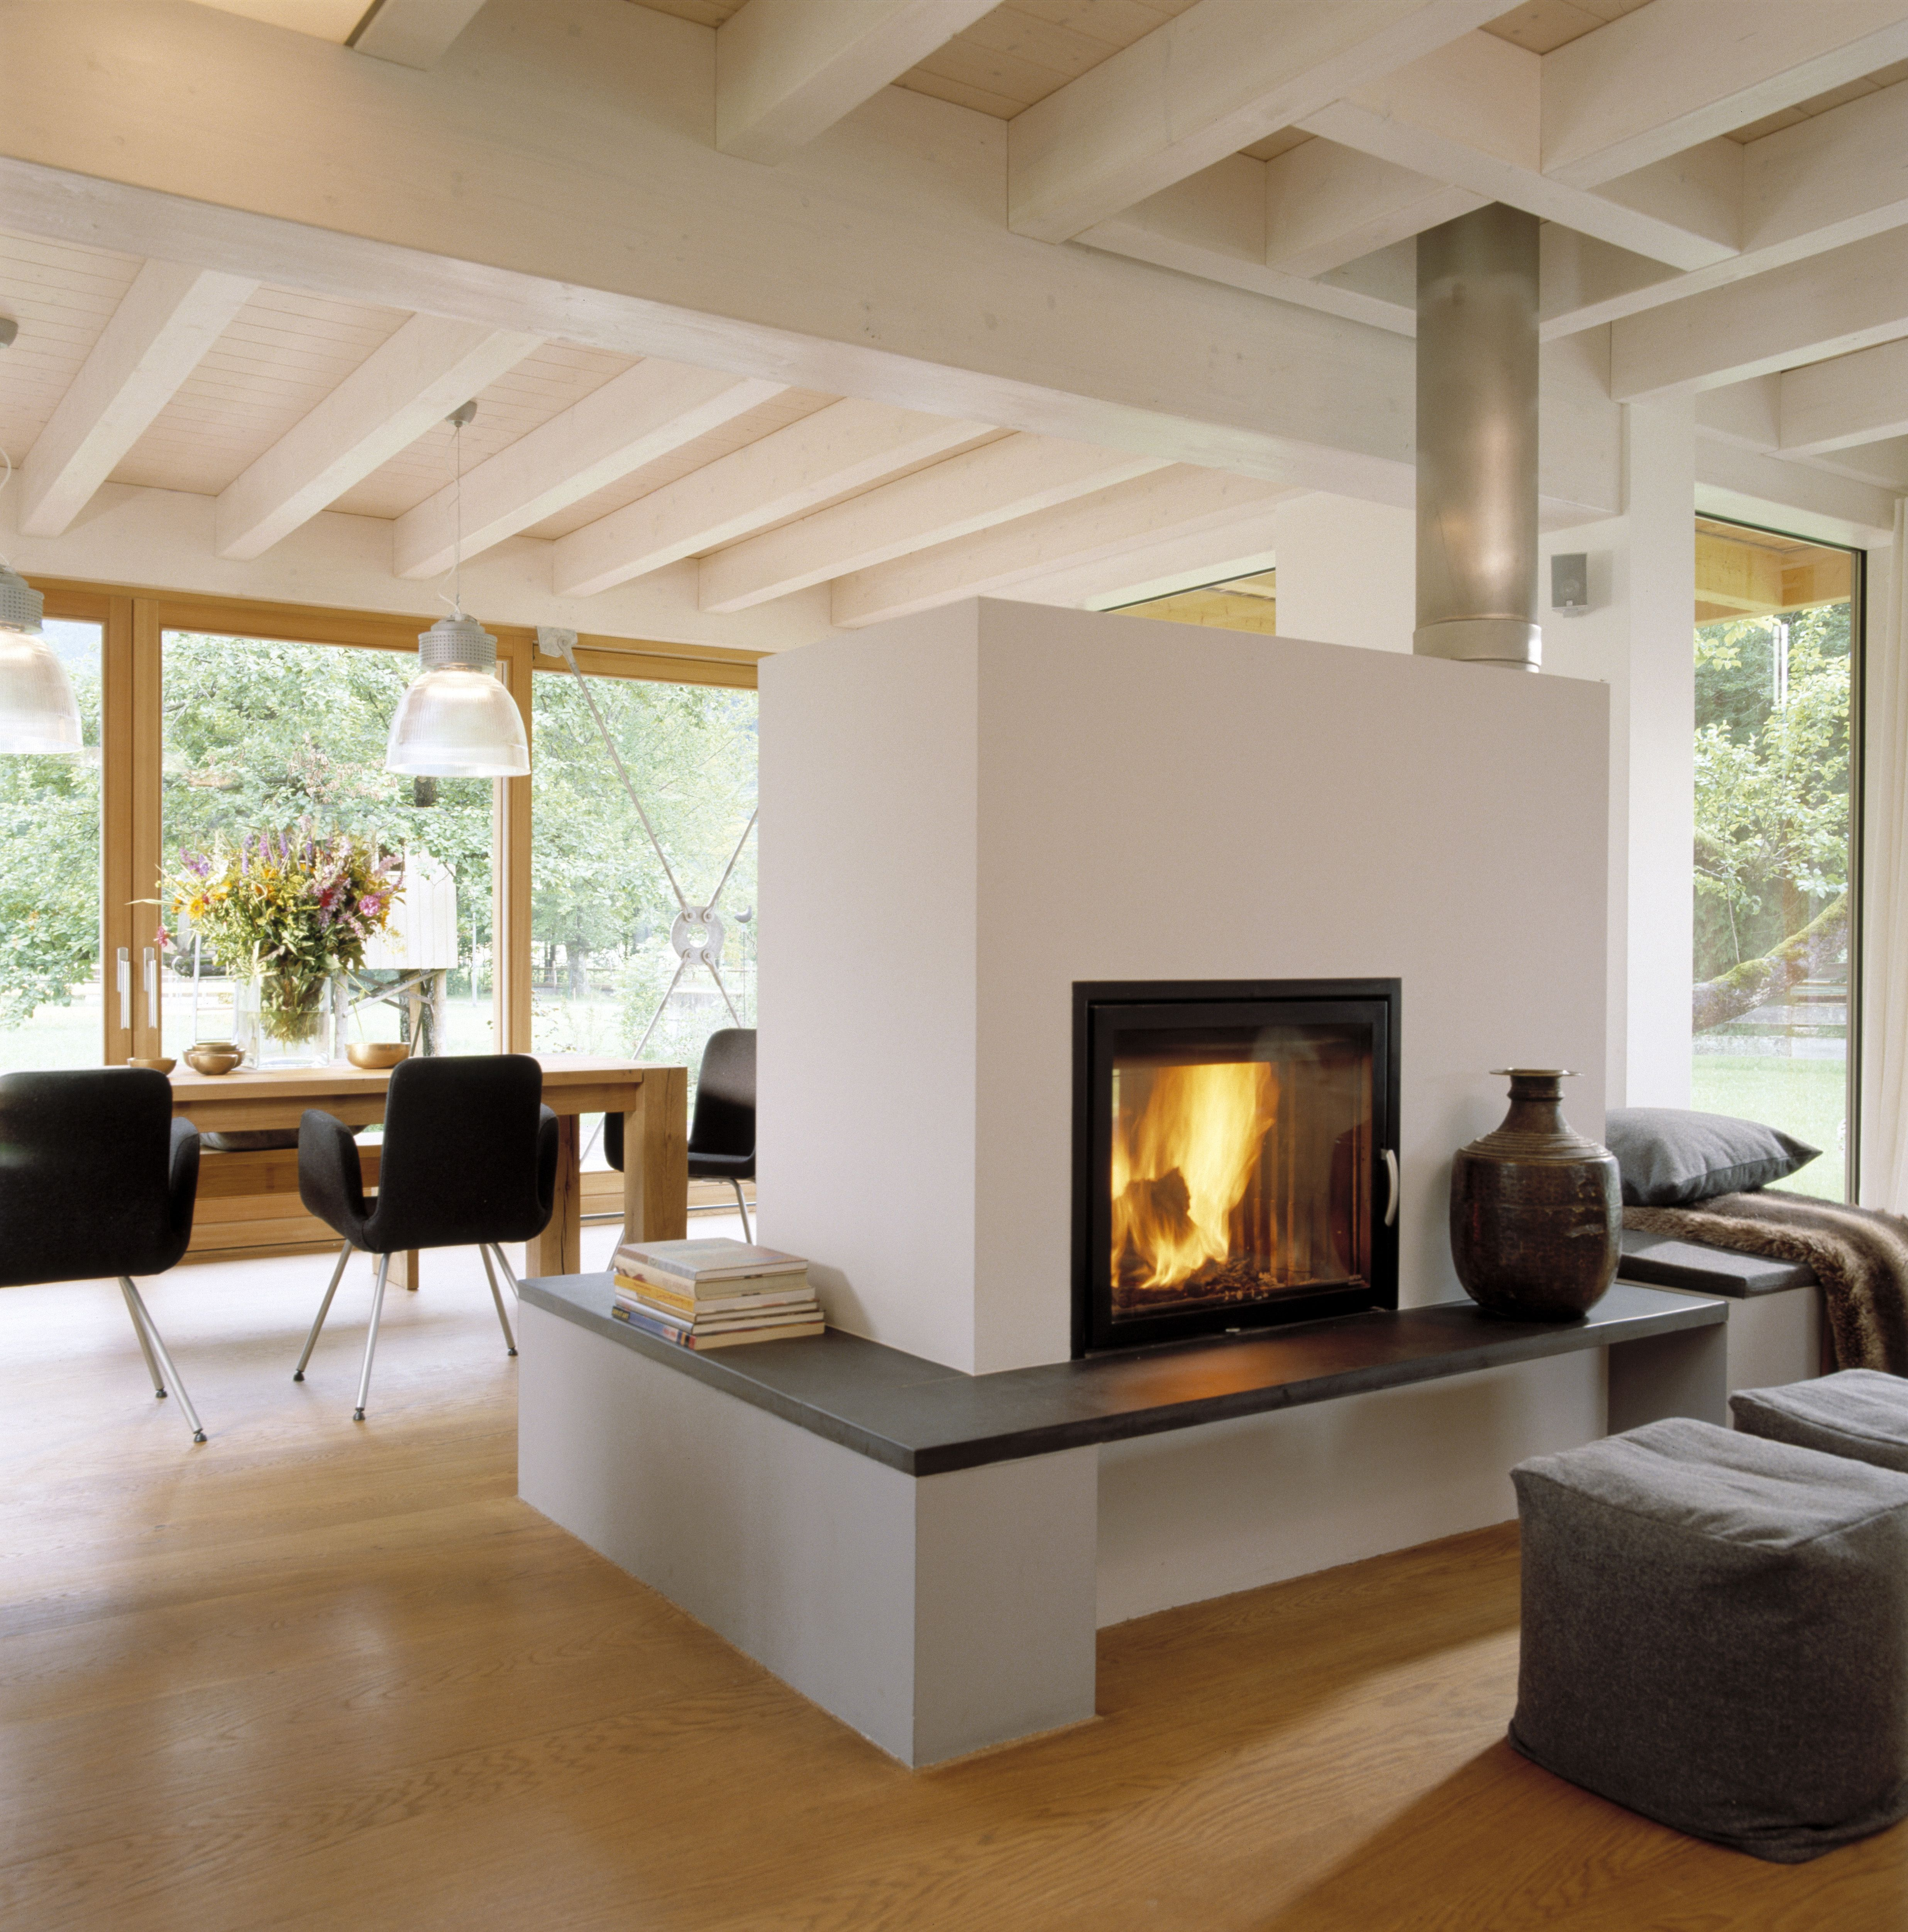 Panoramakamin-im-Wohnzimmer-mit-bodentiefen-Fenster.jpg (4943×5005 ...